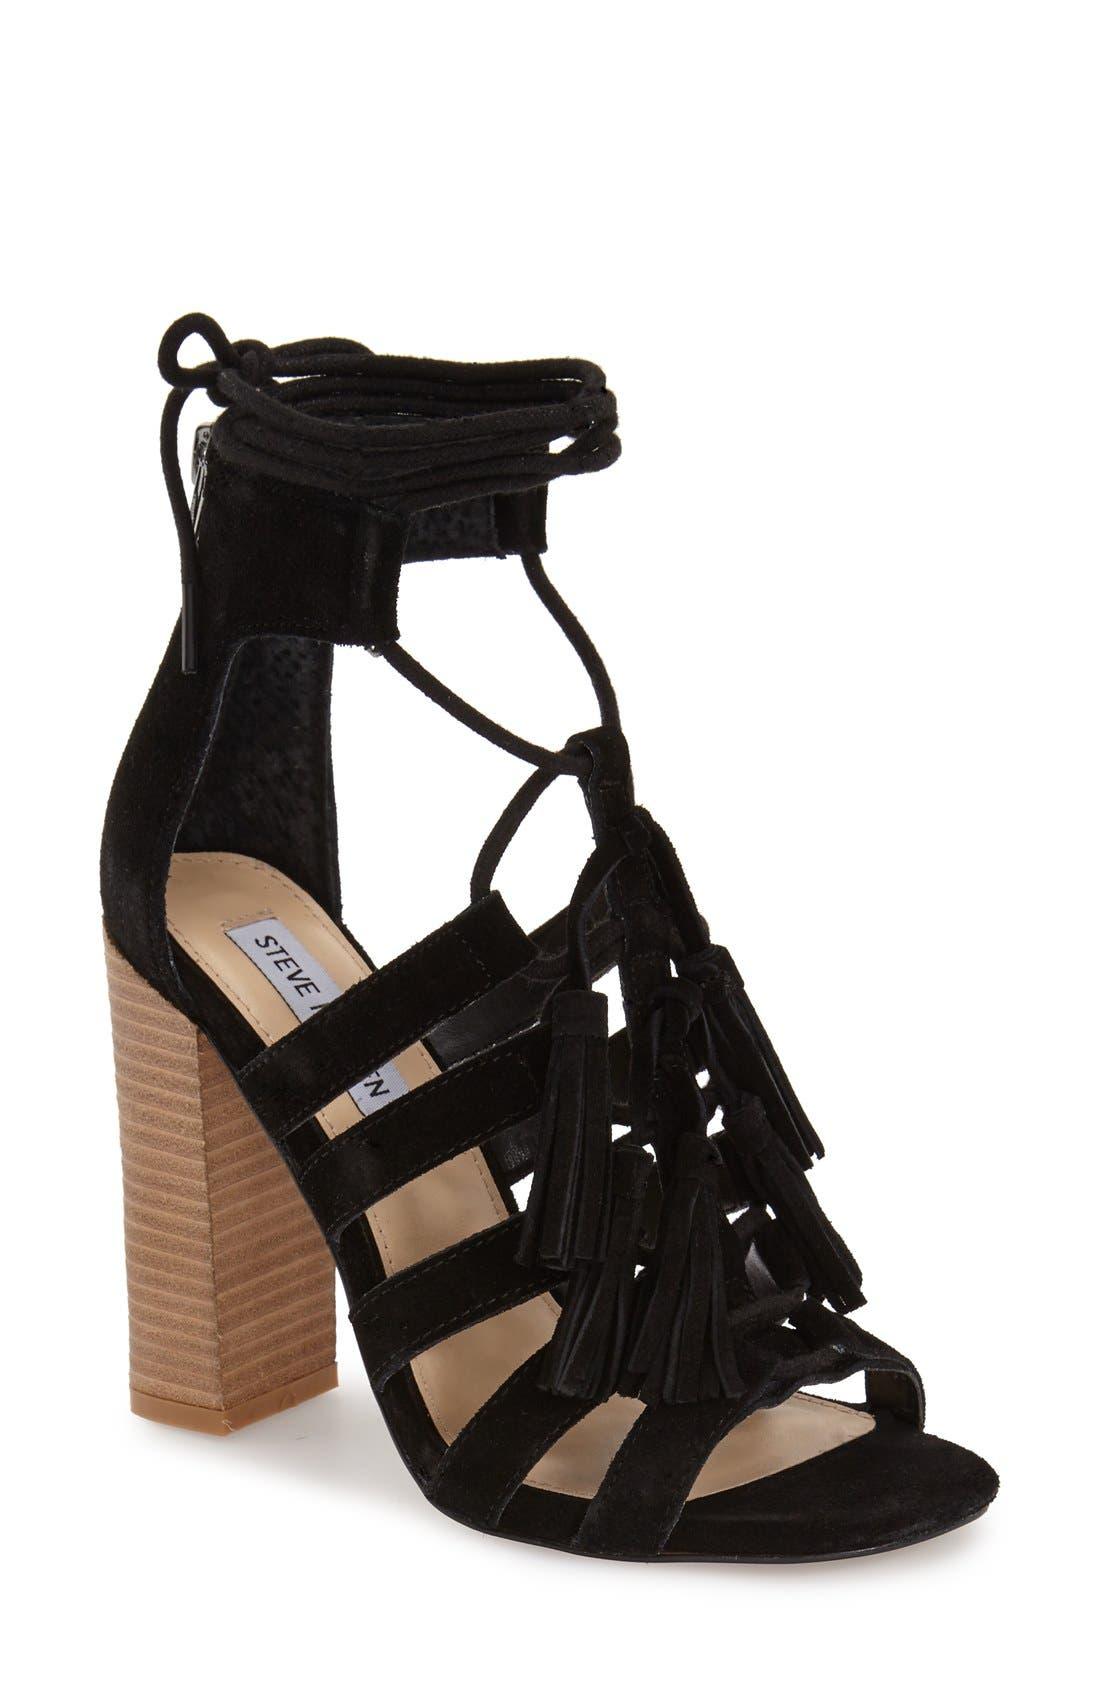 Alternate Image 1 Selected - Steve Madden 'Tasssal' Lace-Up Sandal (Women)